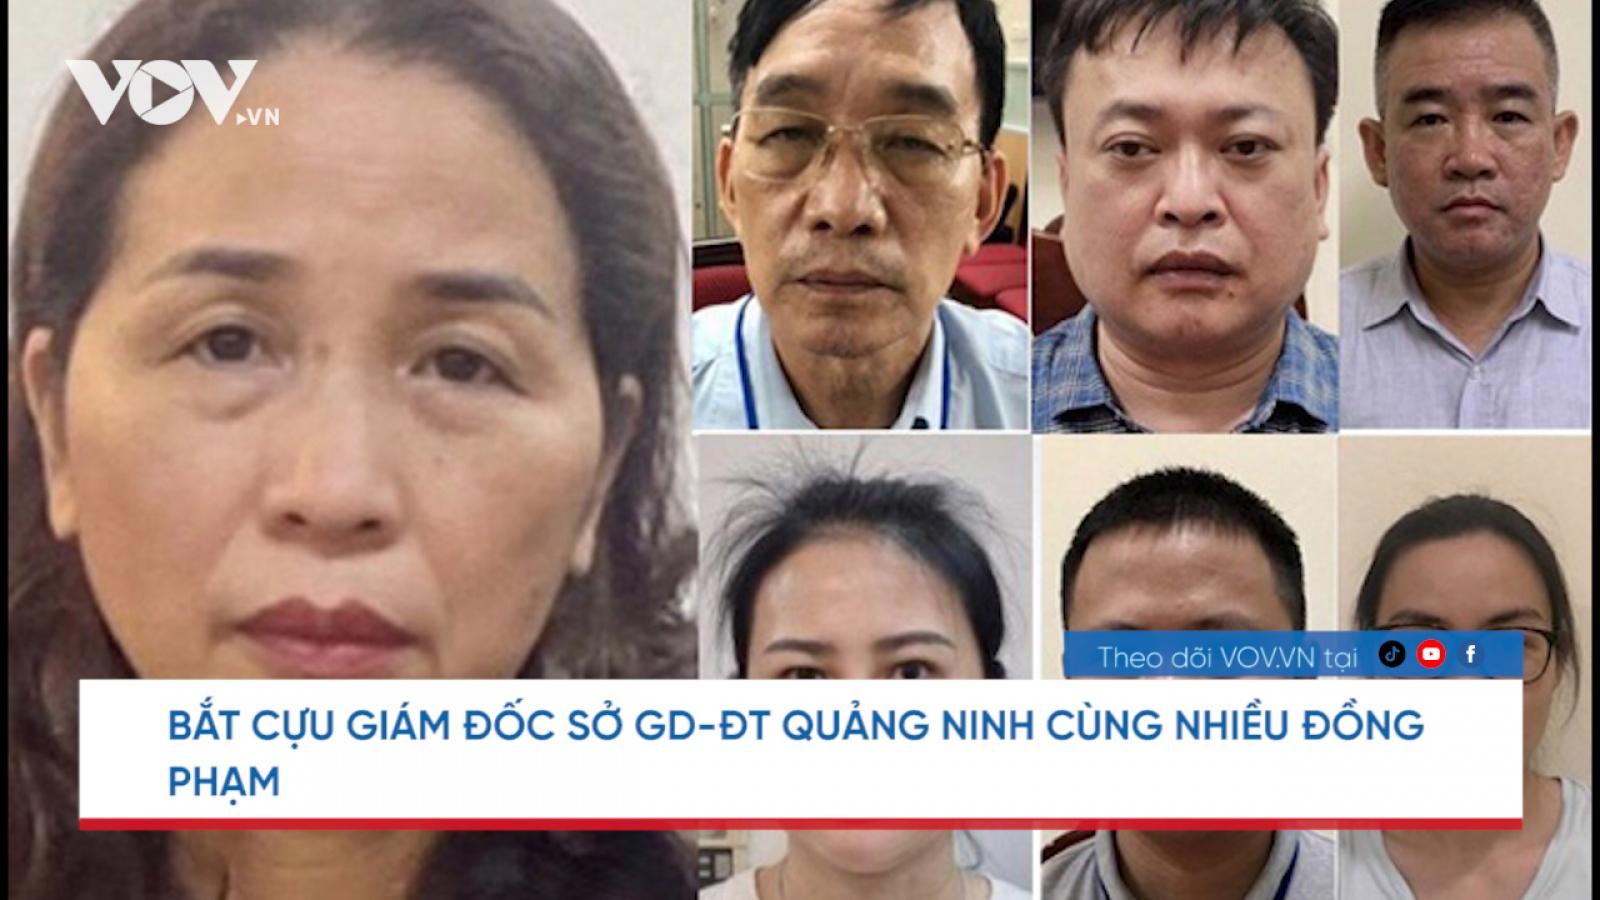 Nóng 24h: Vì sao bắt cựu Giám đốc Sở Giáo dục - Đào tạo tỉnh Quảng Ninh?